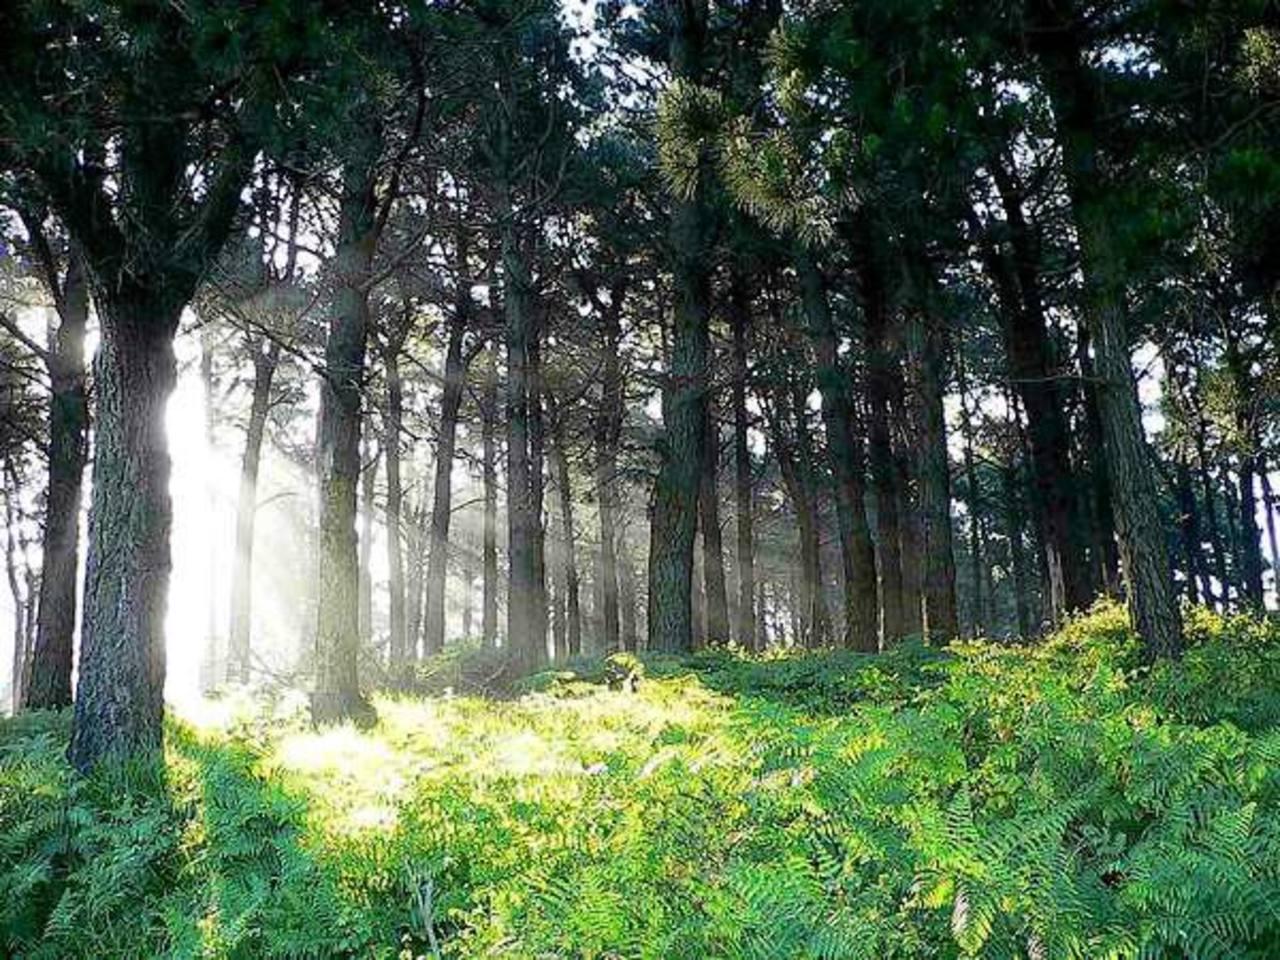 Hay árboles ideales para proteger mantos acuíferos